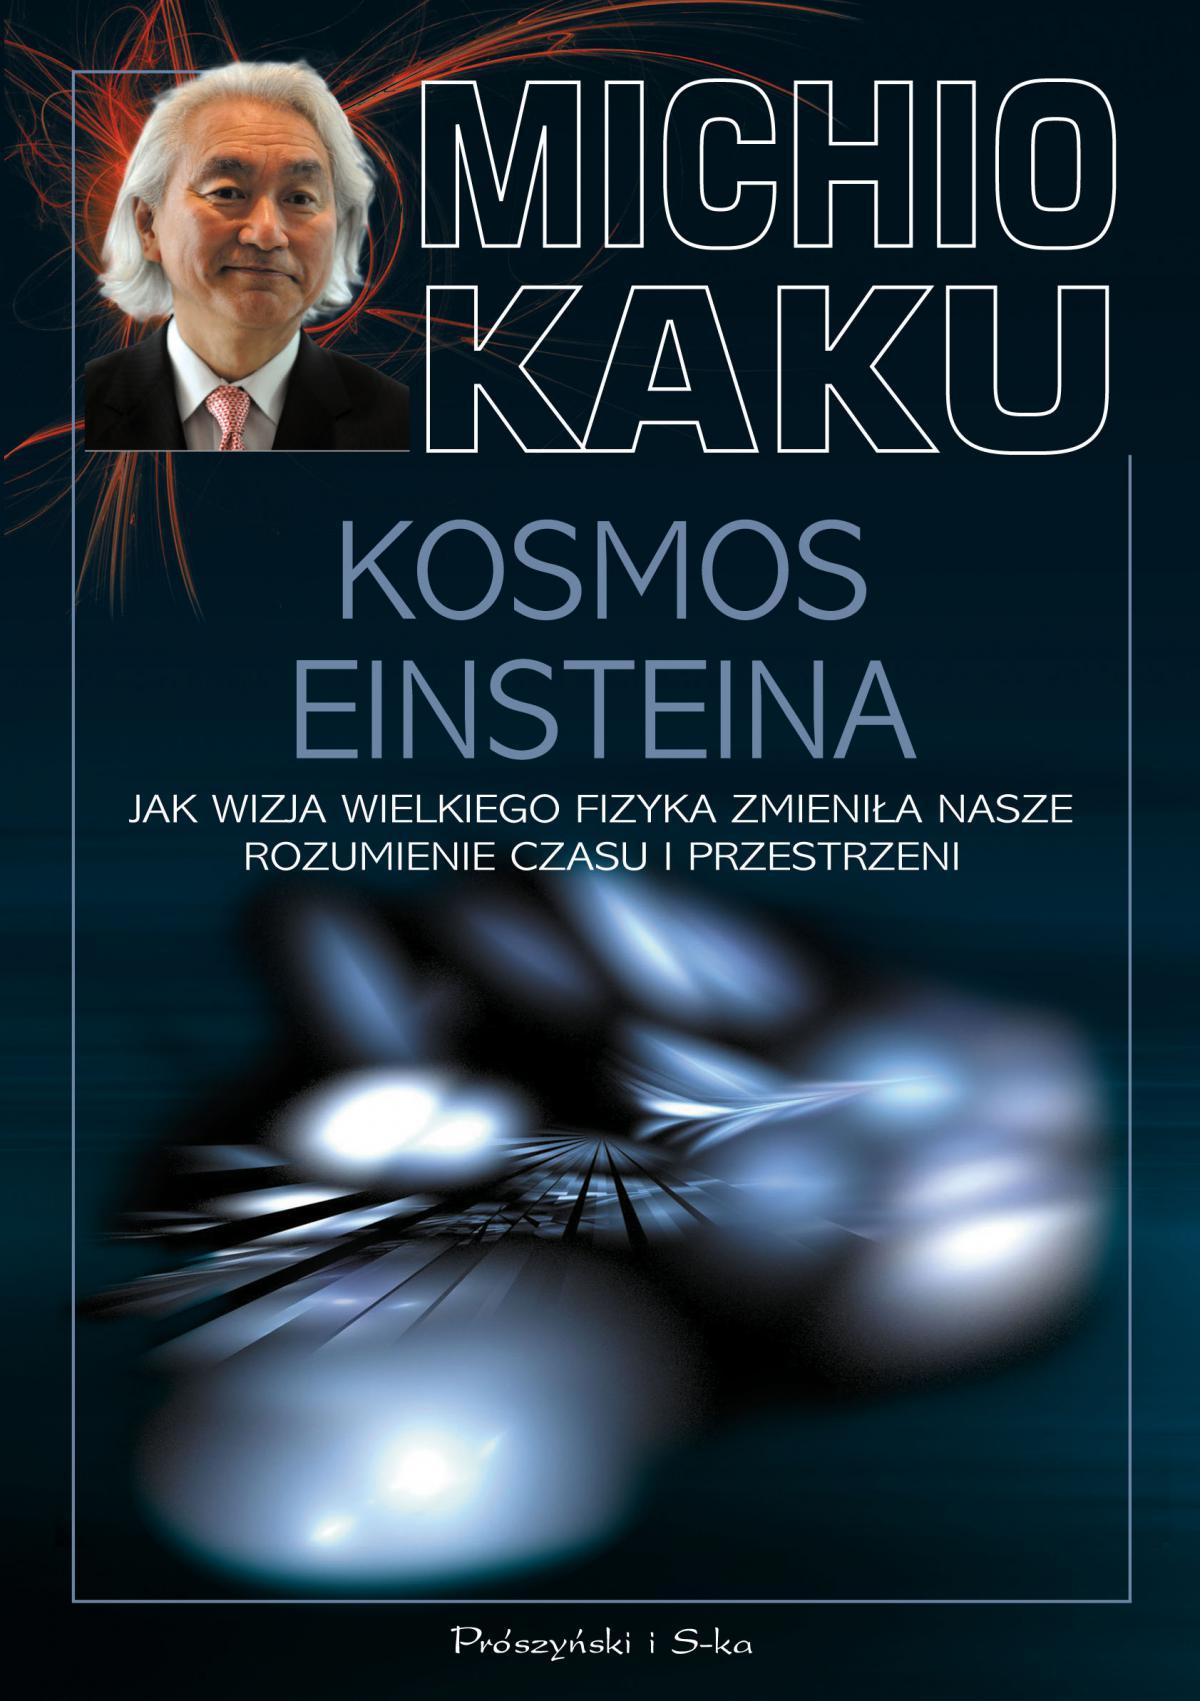 Kosmos Einsteina. Jak wizja wielkiego fizyka zmieniła nasze rozumienie czasu i przestrzeni - Ebook (Książka EPUB) do pobrania w formacie EPUB